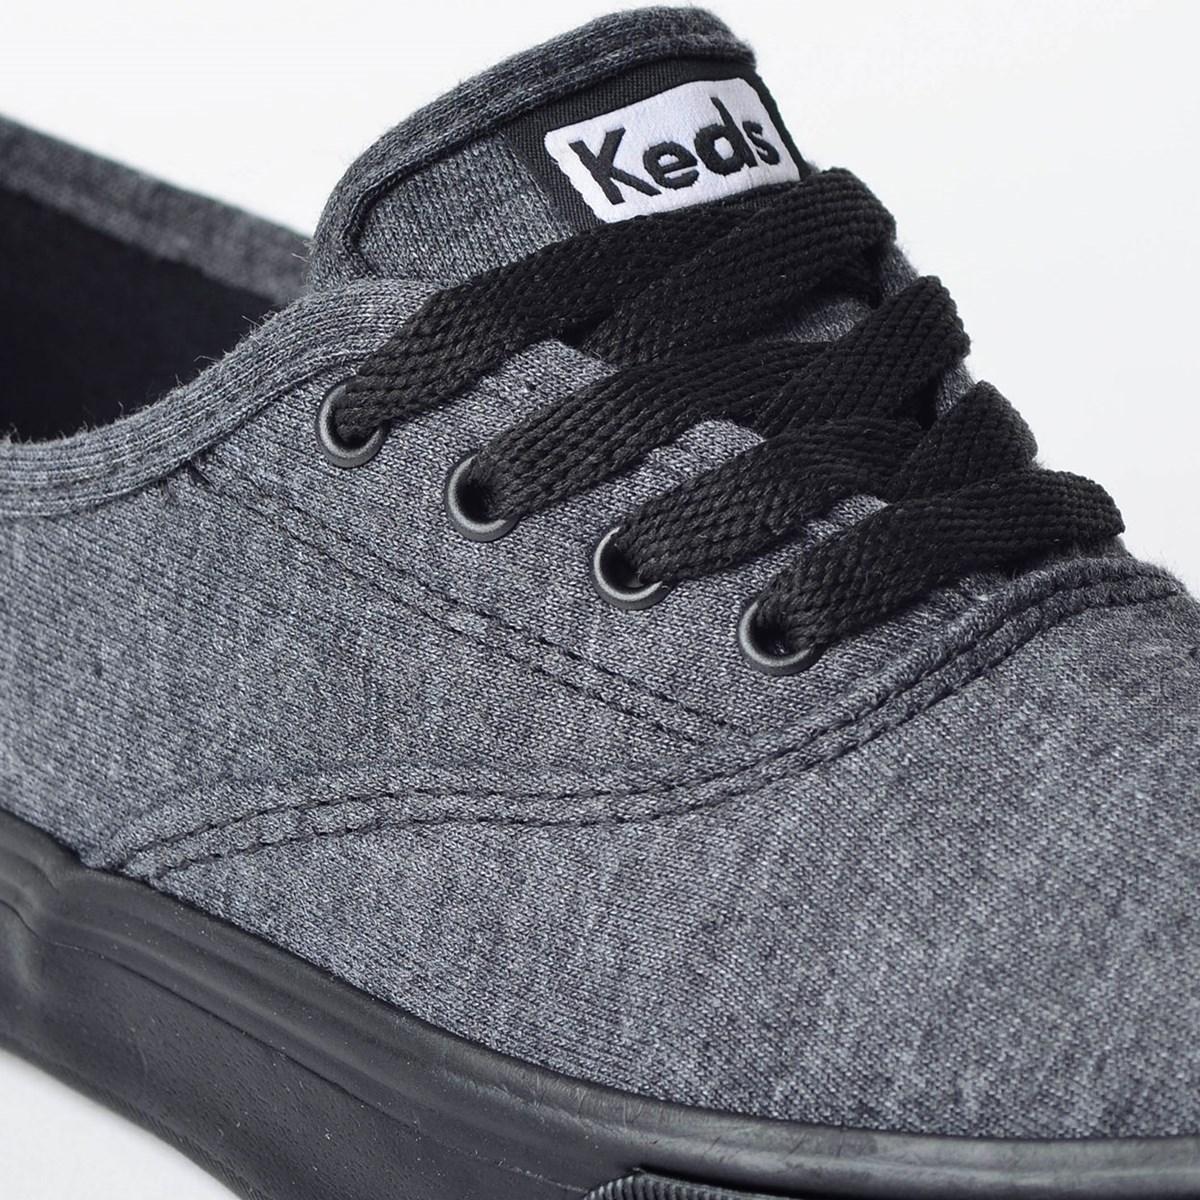 Tênis Keds Double Dutch Jersey Preto Preto KD375231